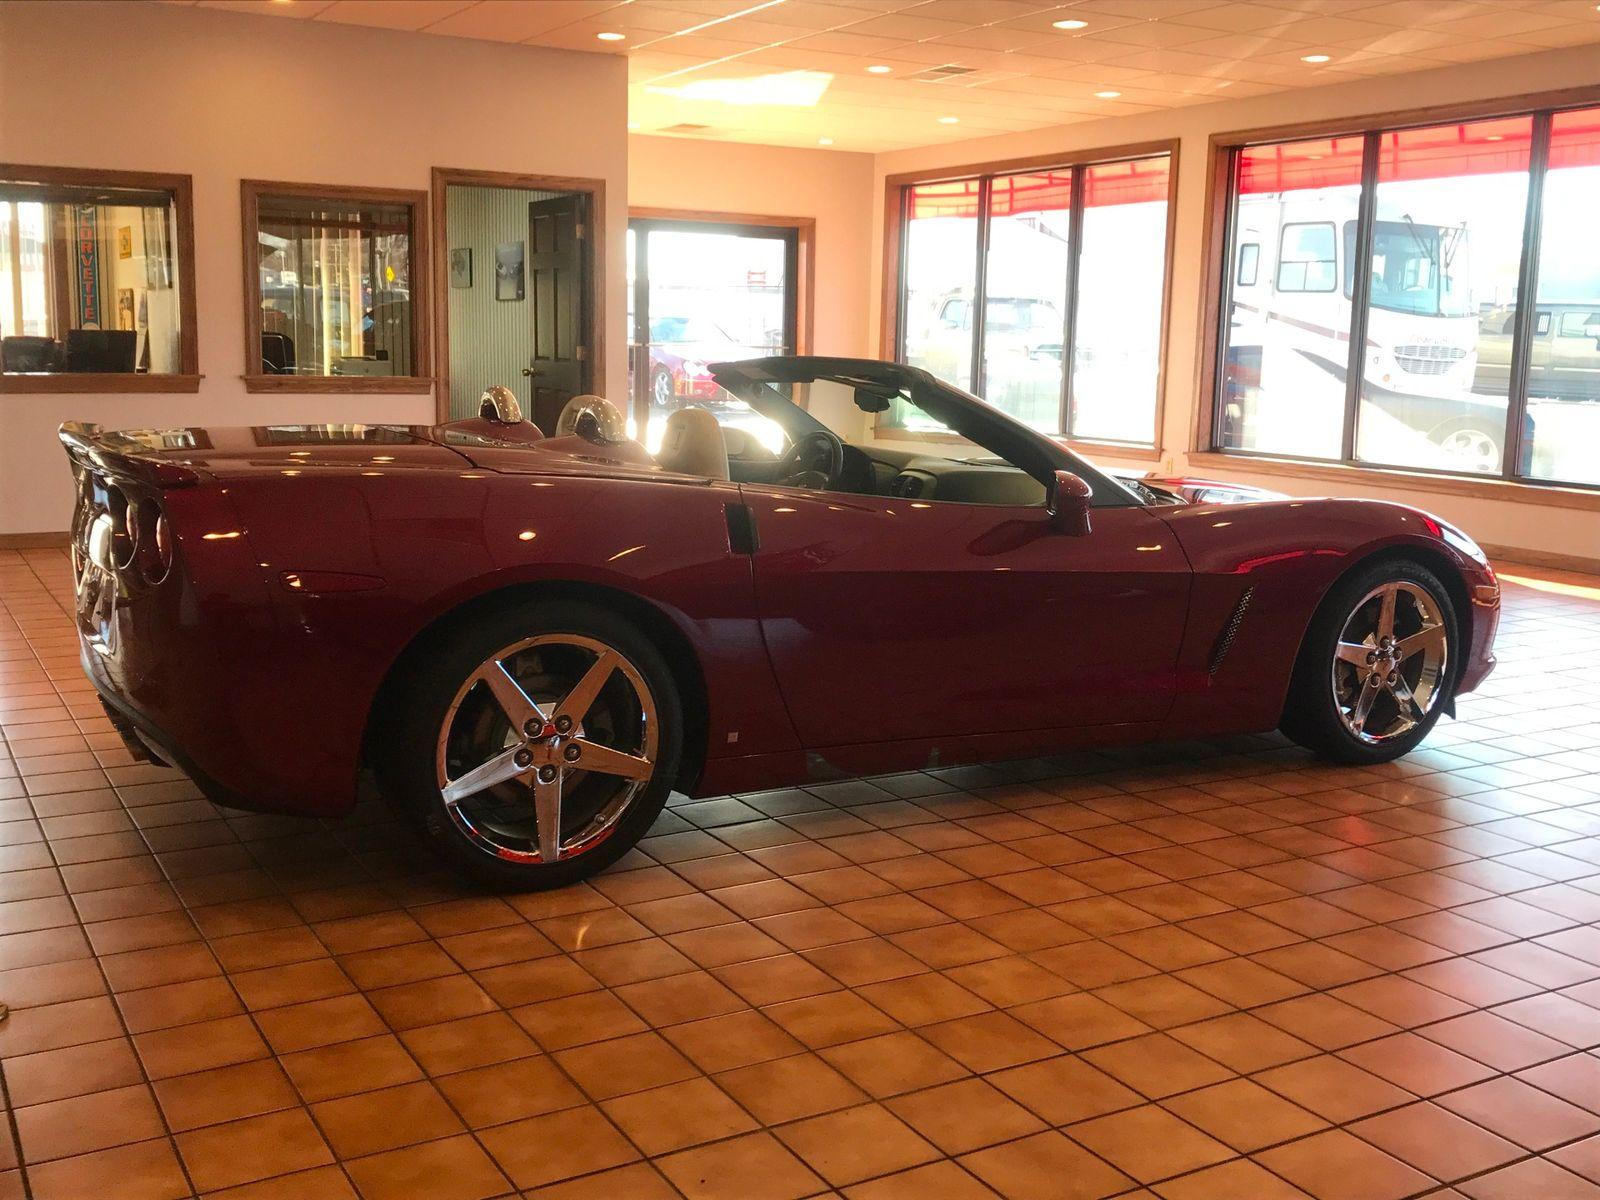 2007 Chevrolet Corvette Convertible St Charles Missouri